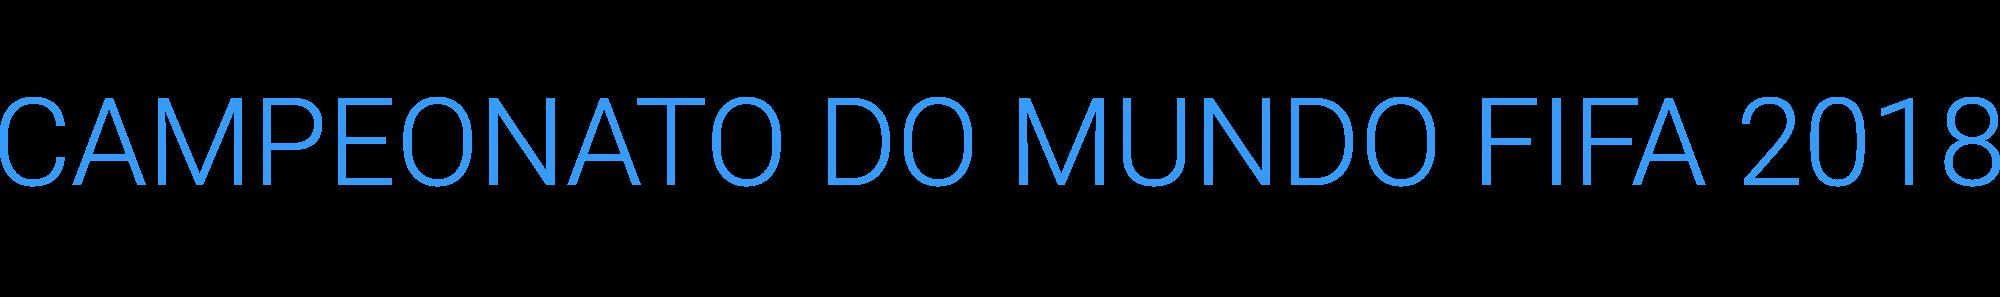 Logotipo Mundial 2018 - Jogador A